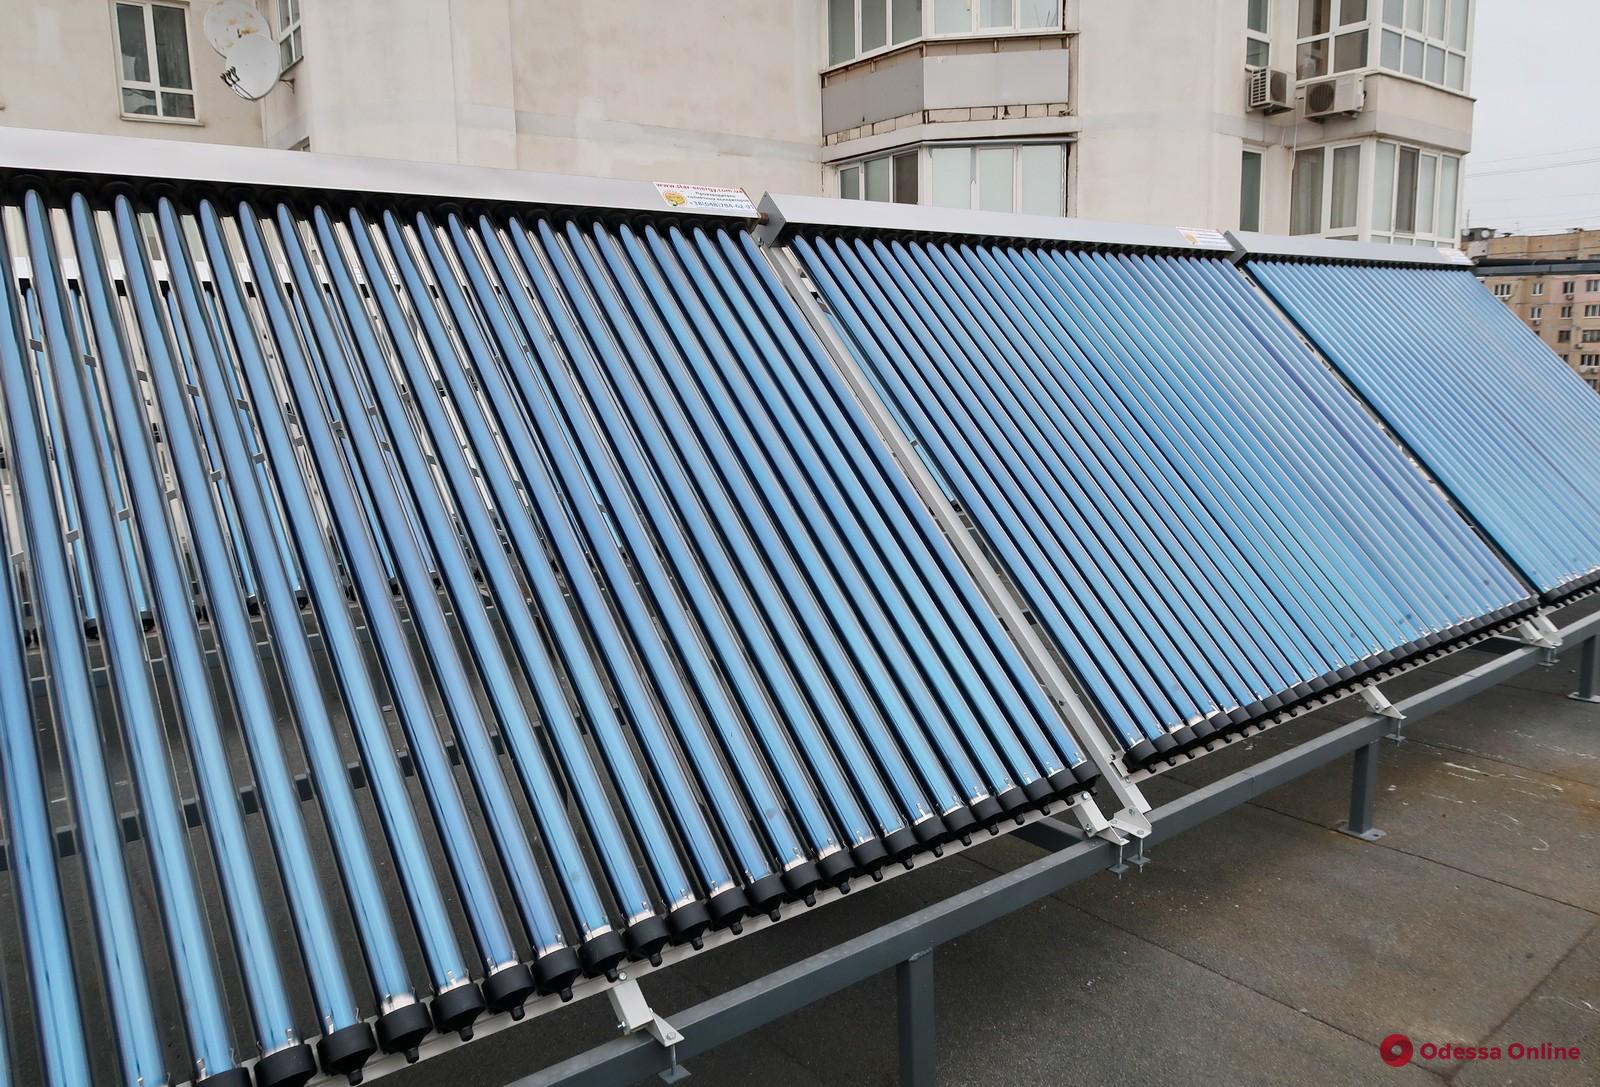 На крыше детской поликлиники в Одессе появились солнечные батареи (фото)